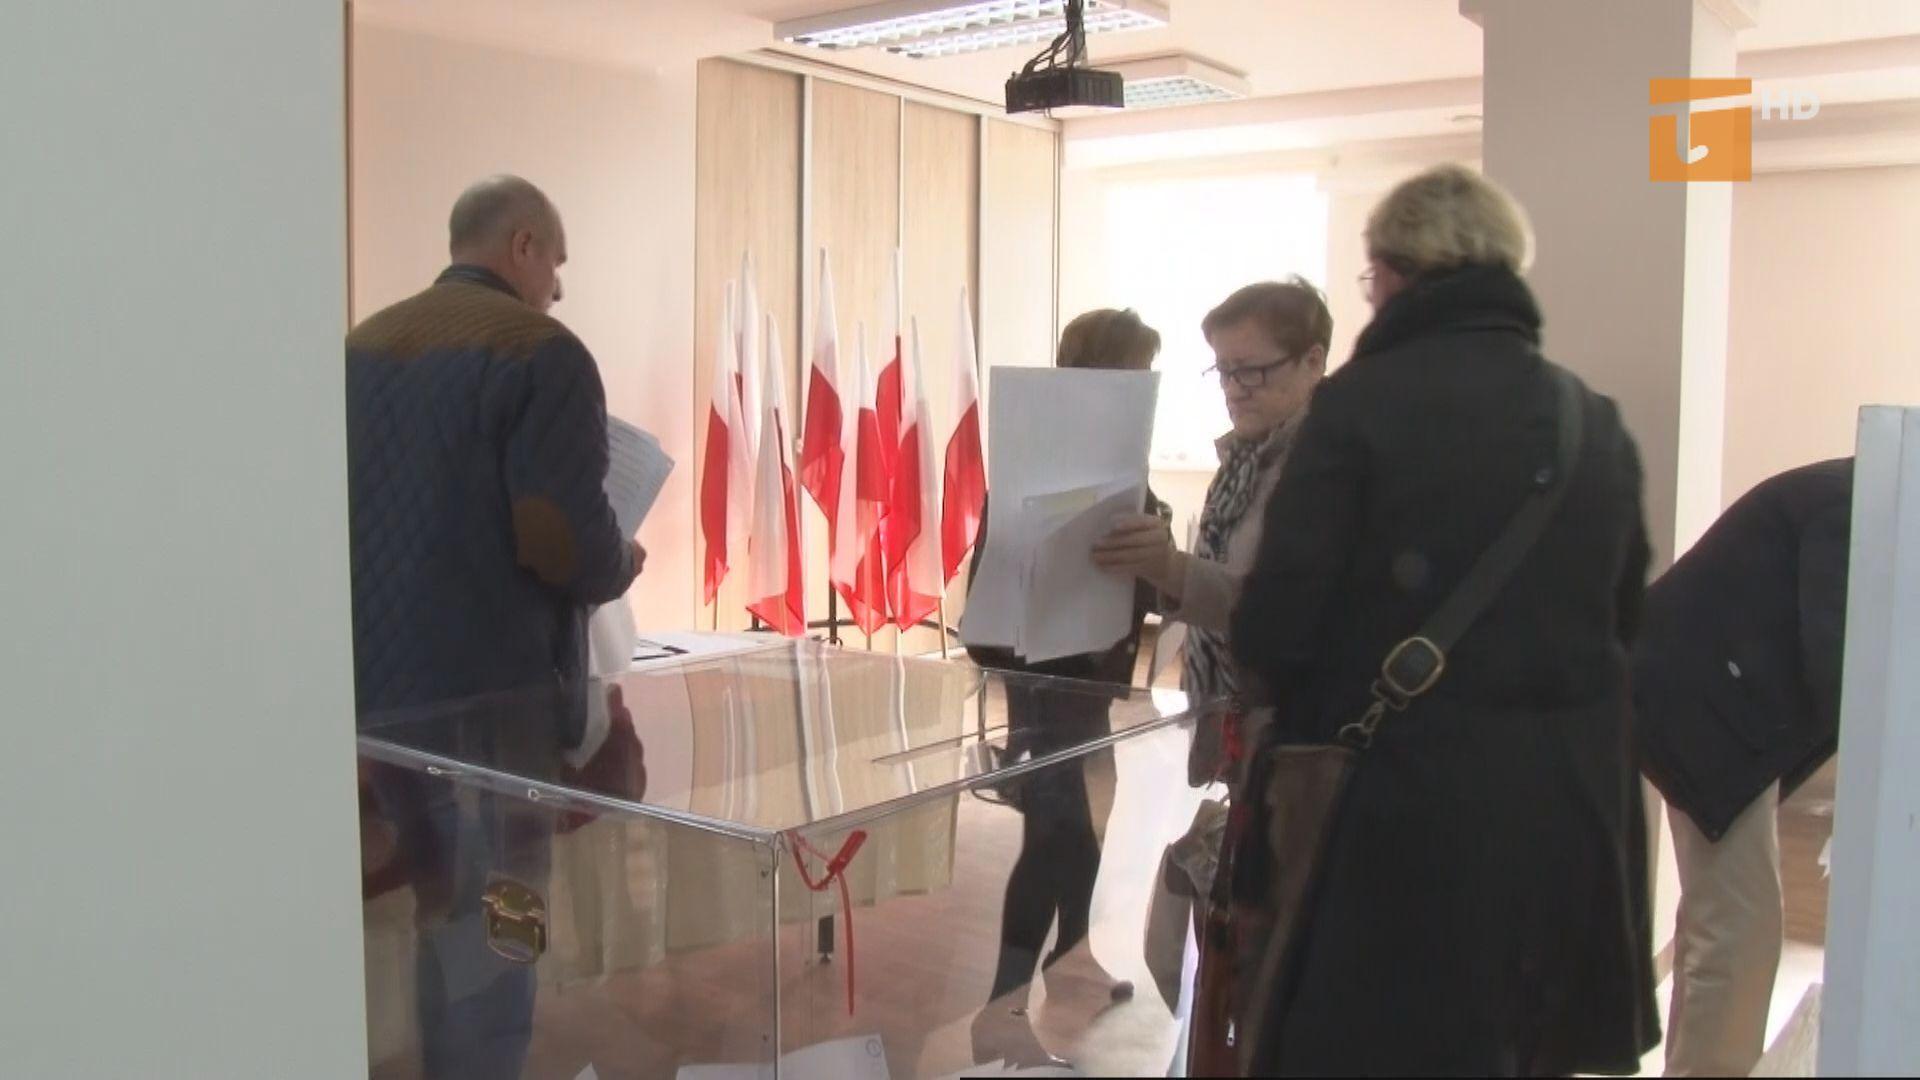 Tczewianie, podobnie jak miliony innych Polaków, w niedzielę wybiorą się na wybory parlamentarne